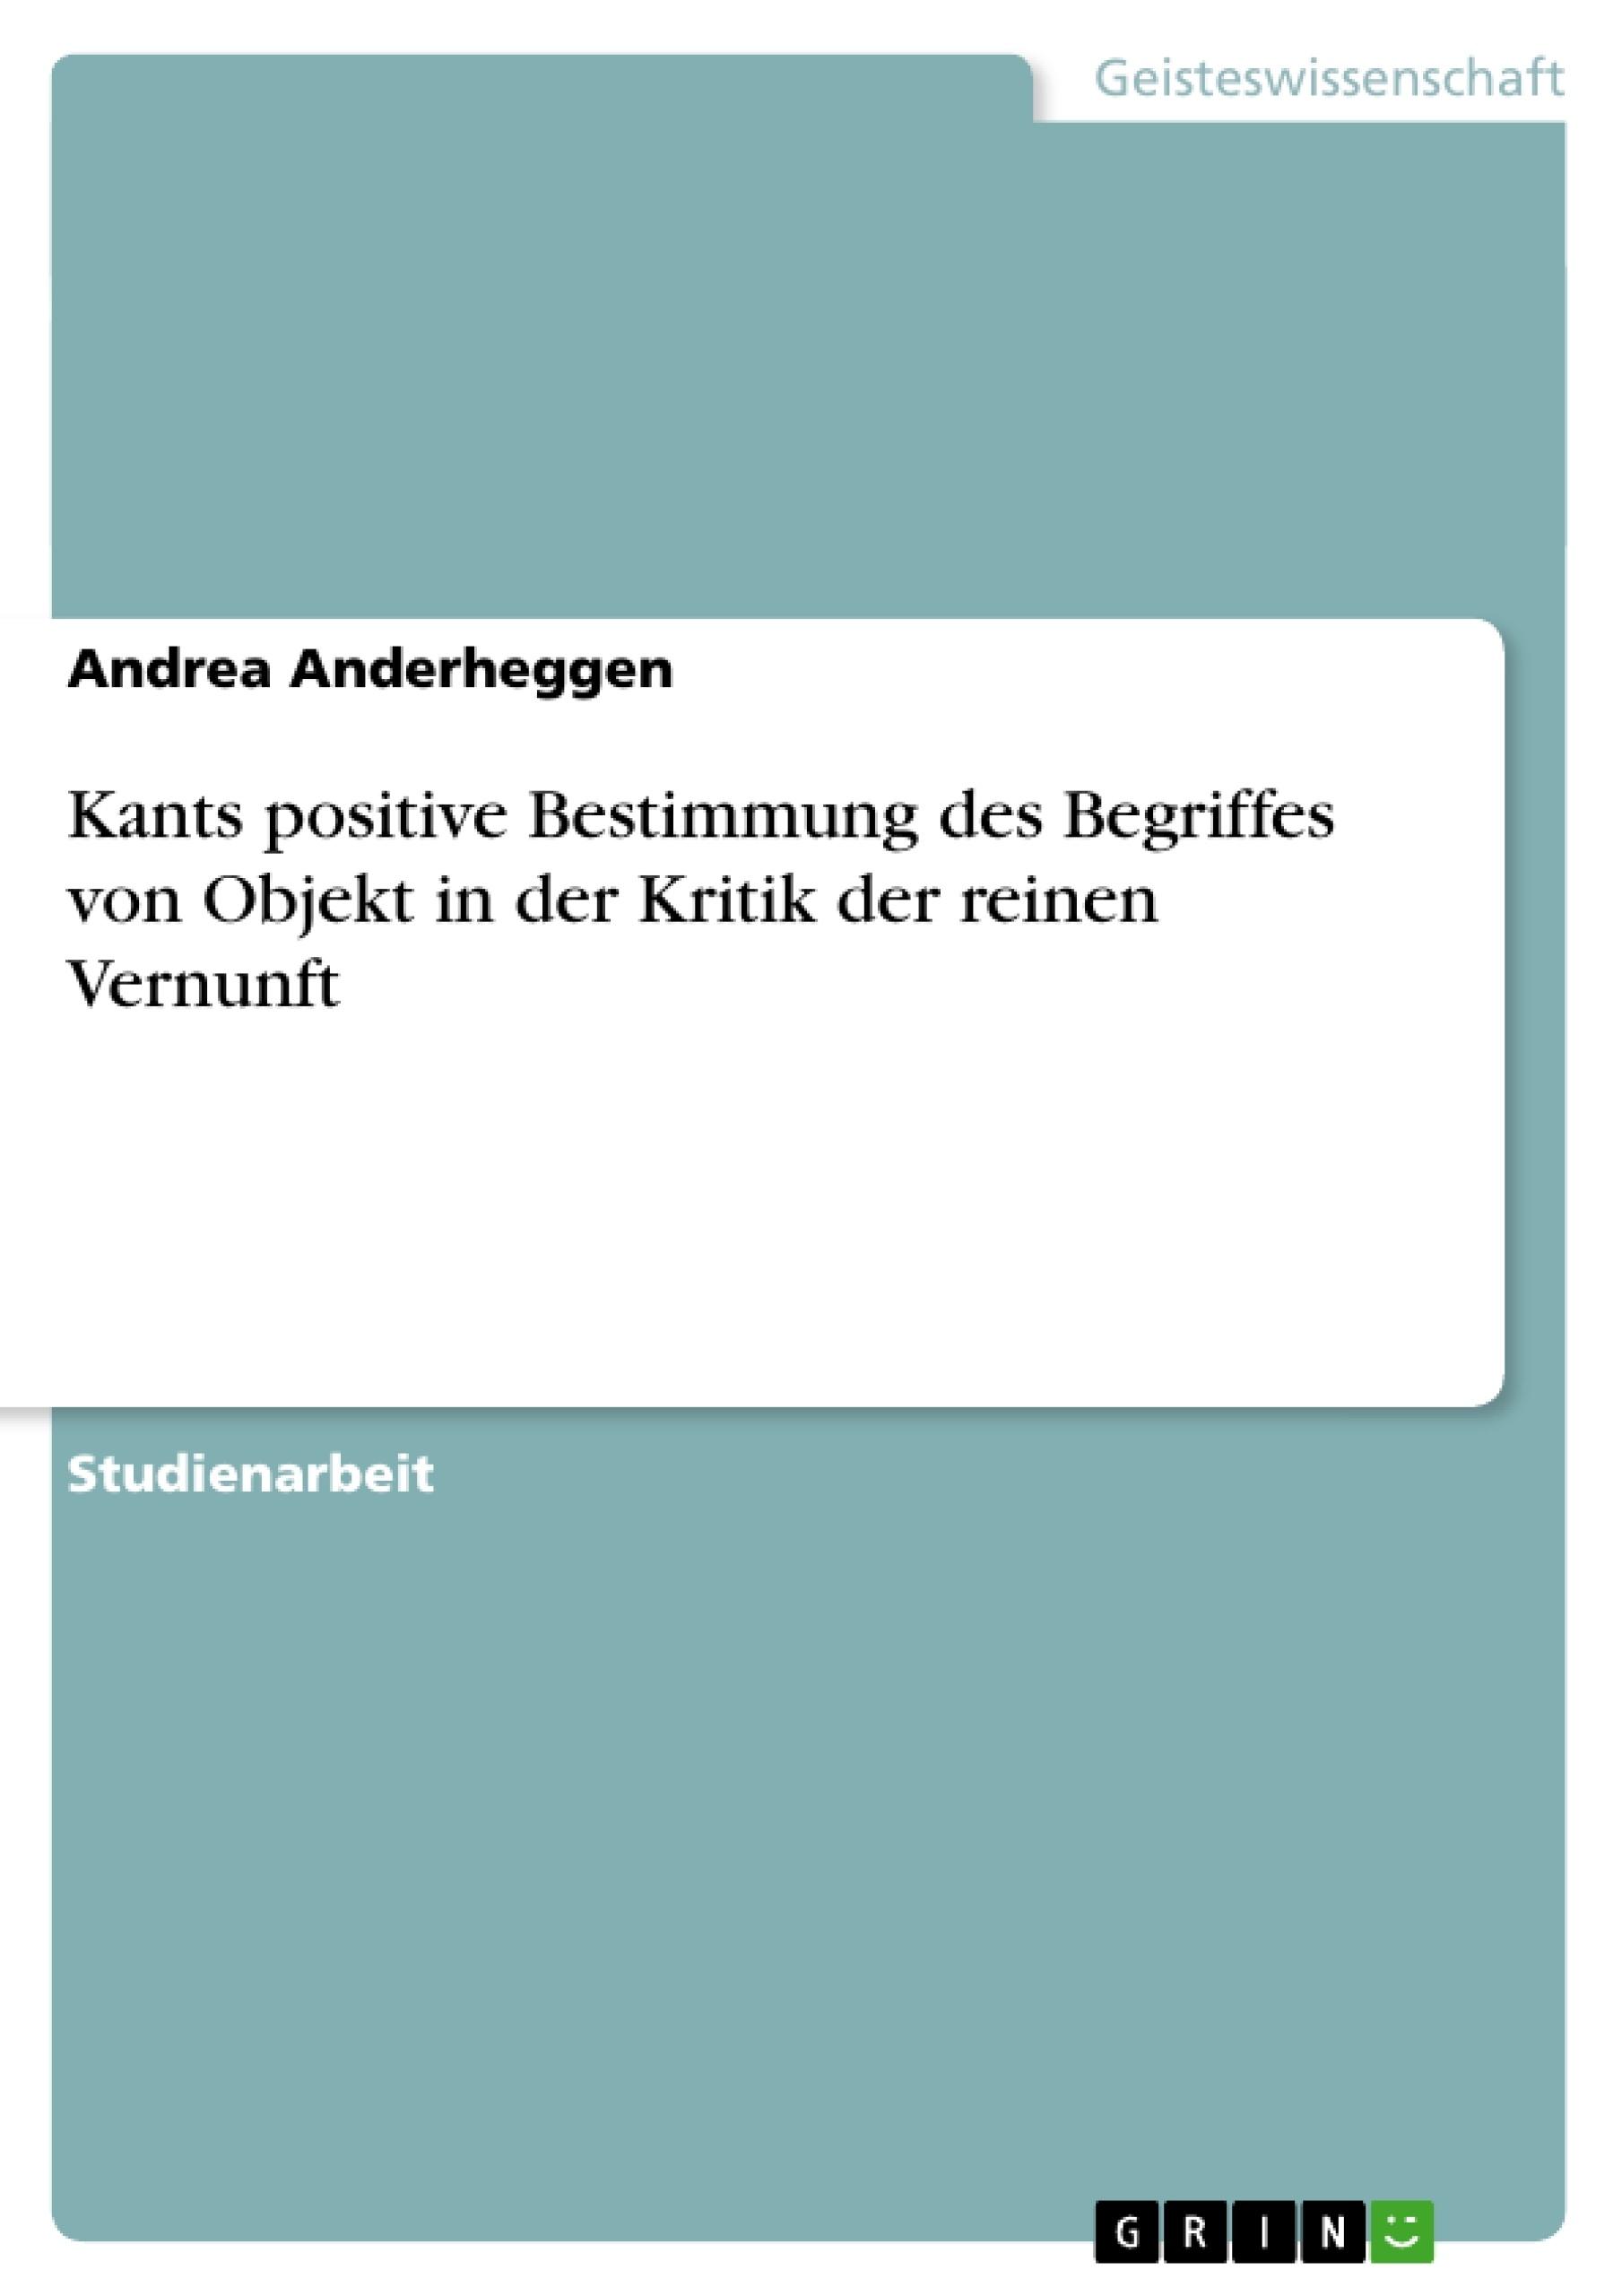 Titel: Kants positive Bestimmung des Begriffes von Objekt in der Kritik der reinen Vernunft